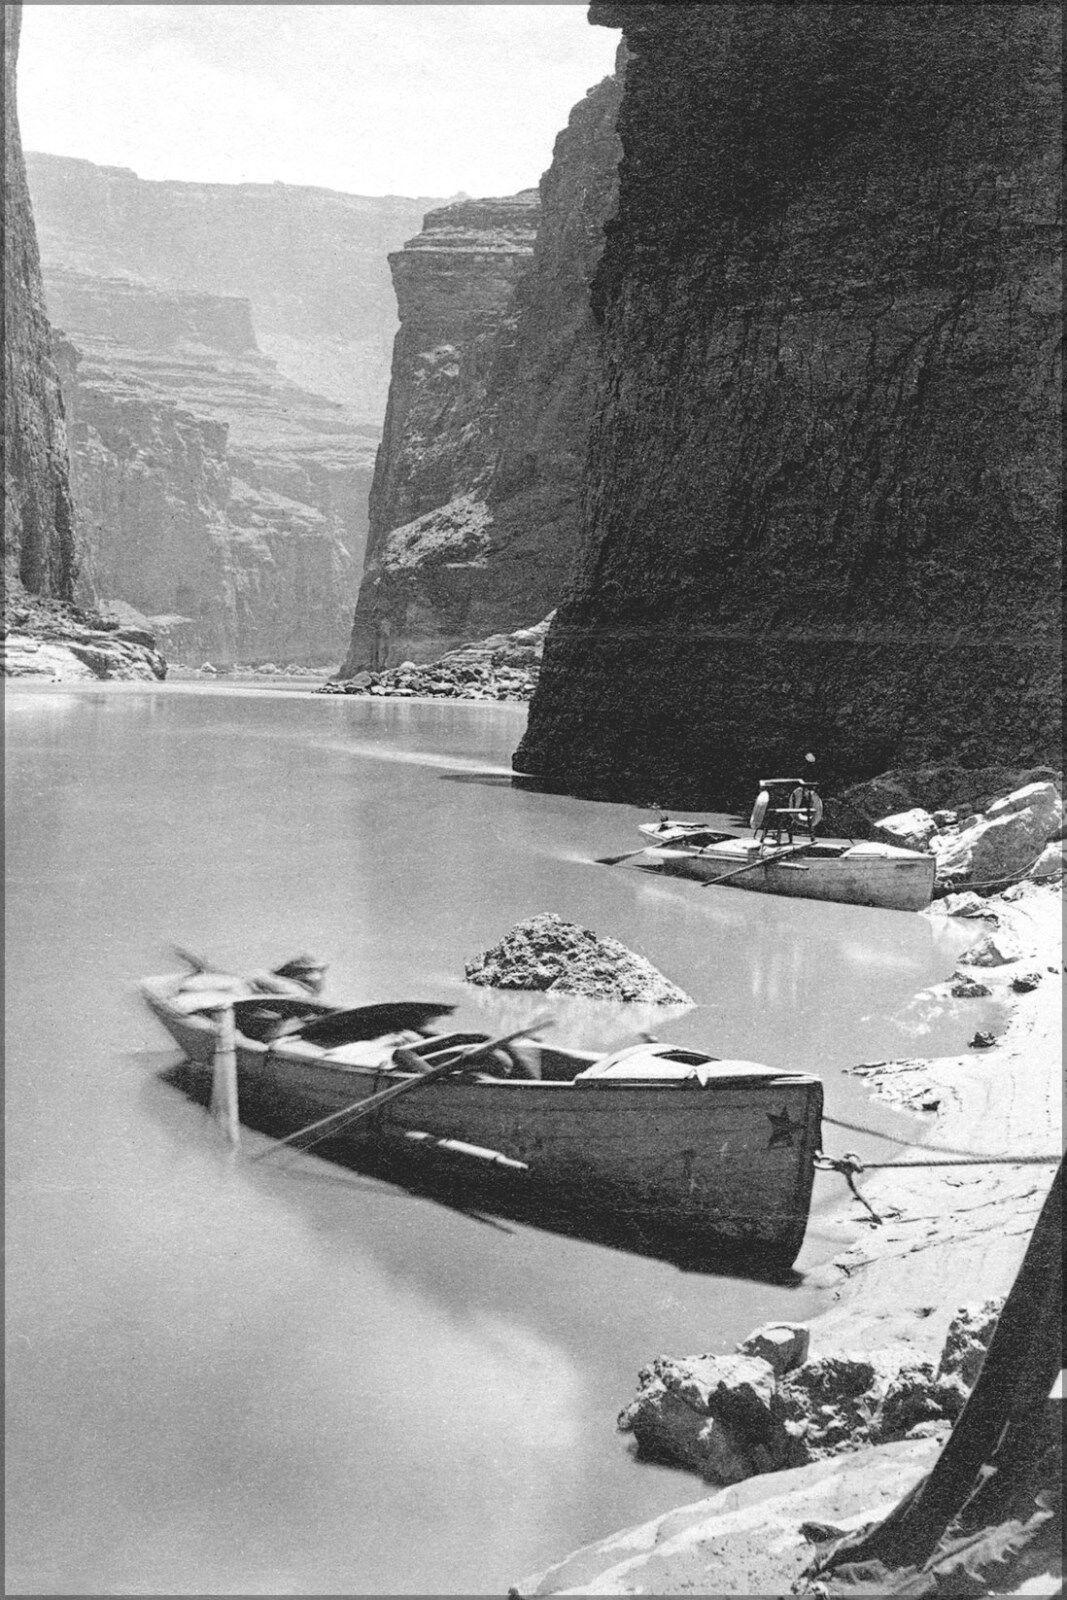 Plakat, Viele Größen; Noon Tag Rest in Marmor Canyon ab des Zweiten Powell Exped